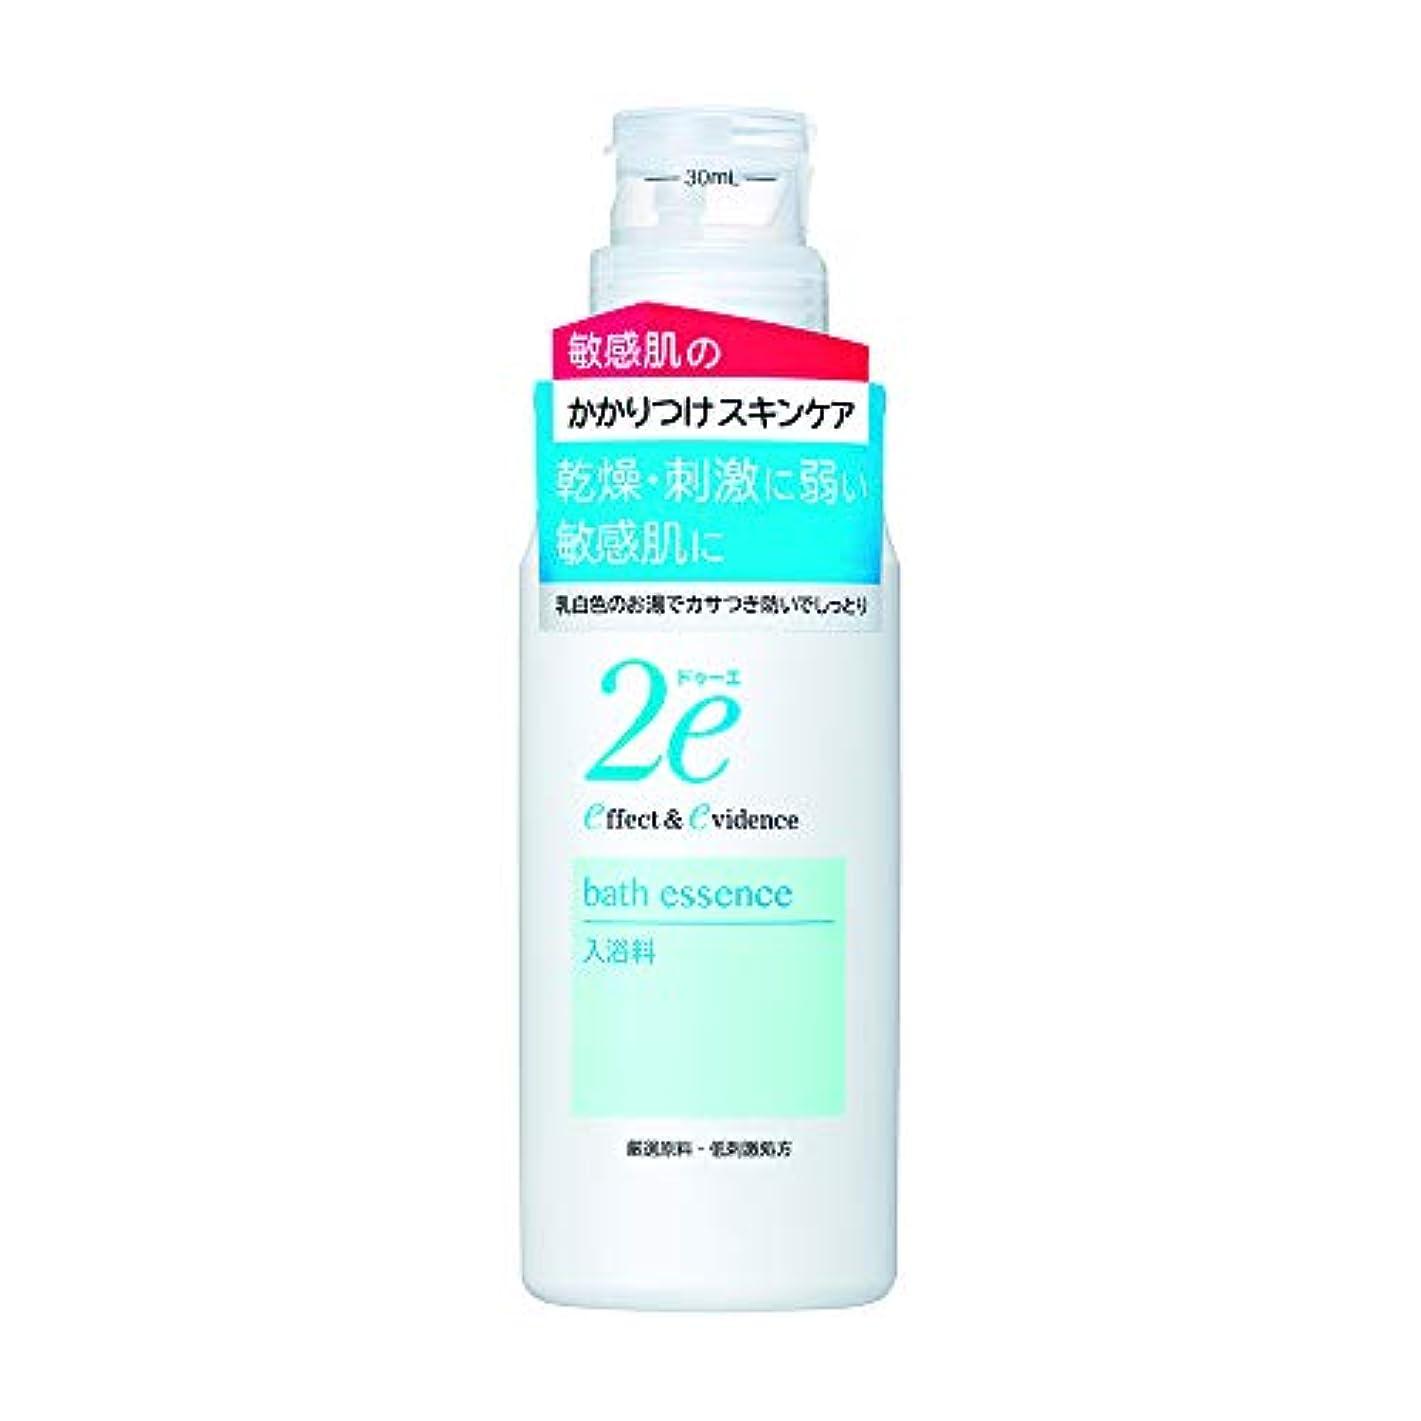 吹雪倍率いらいらする2e(ドゥーエ) 入浴料 敏感肌用 低刺激処方 乳白色 420ml 入浴剤